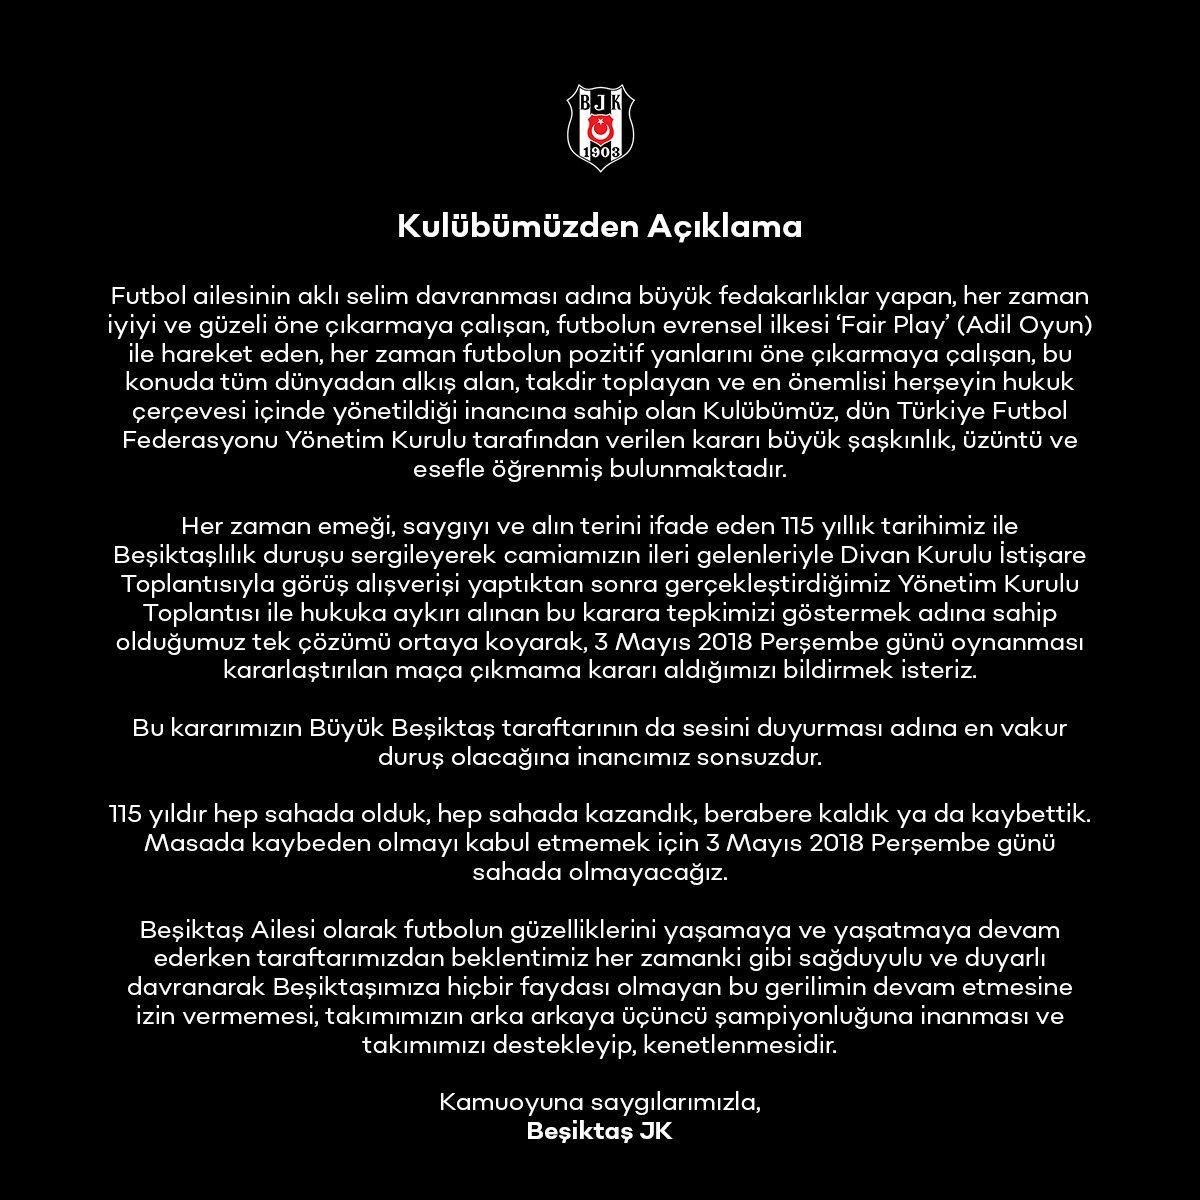 Kulübümüzden Açıklama bjk.com.tr/tr/haber/73262/